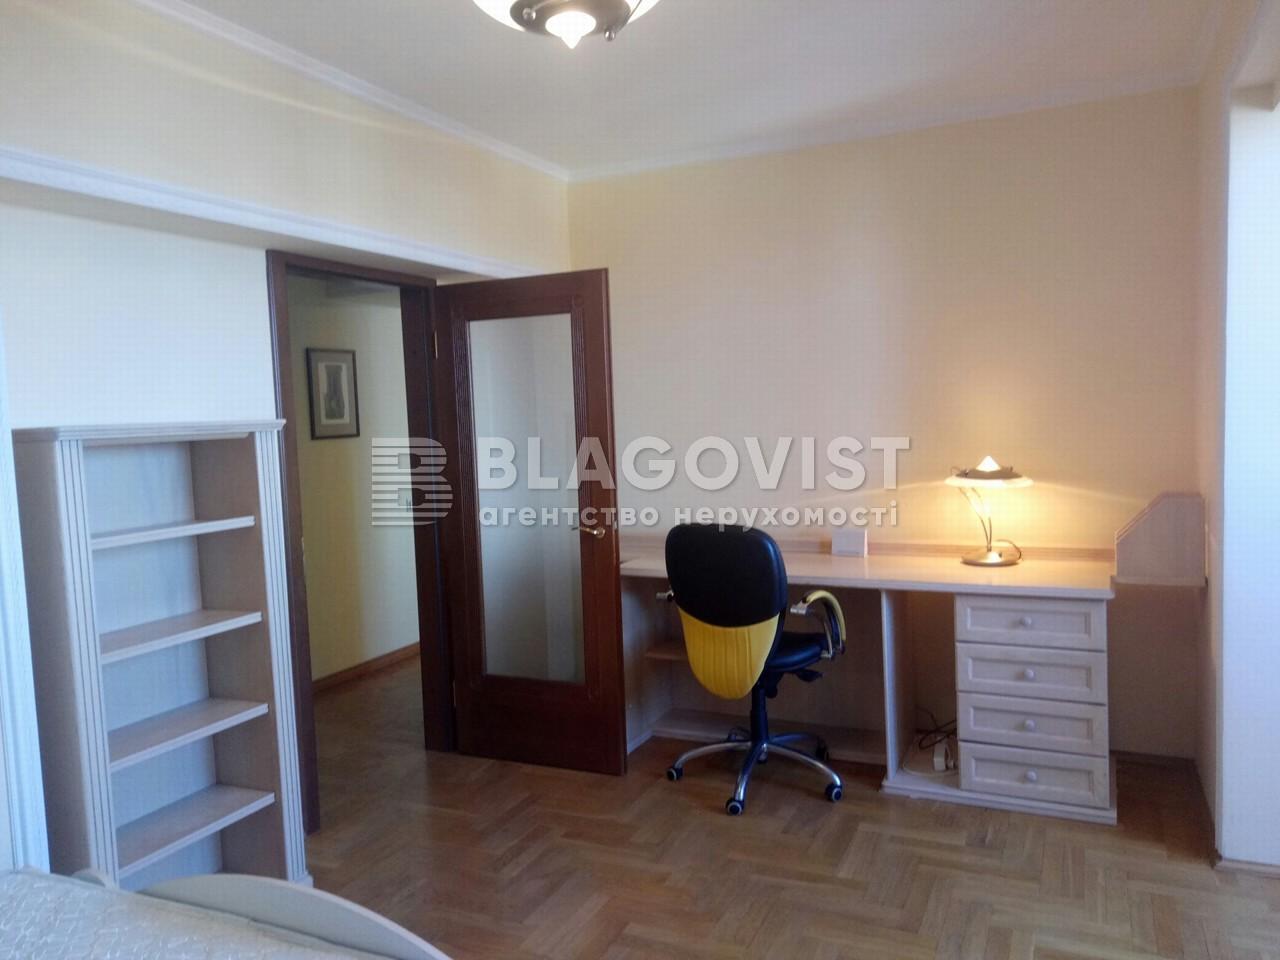 Квартира C-95900, Панаса Мирного, 27, Киев - Фото 24